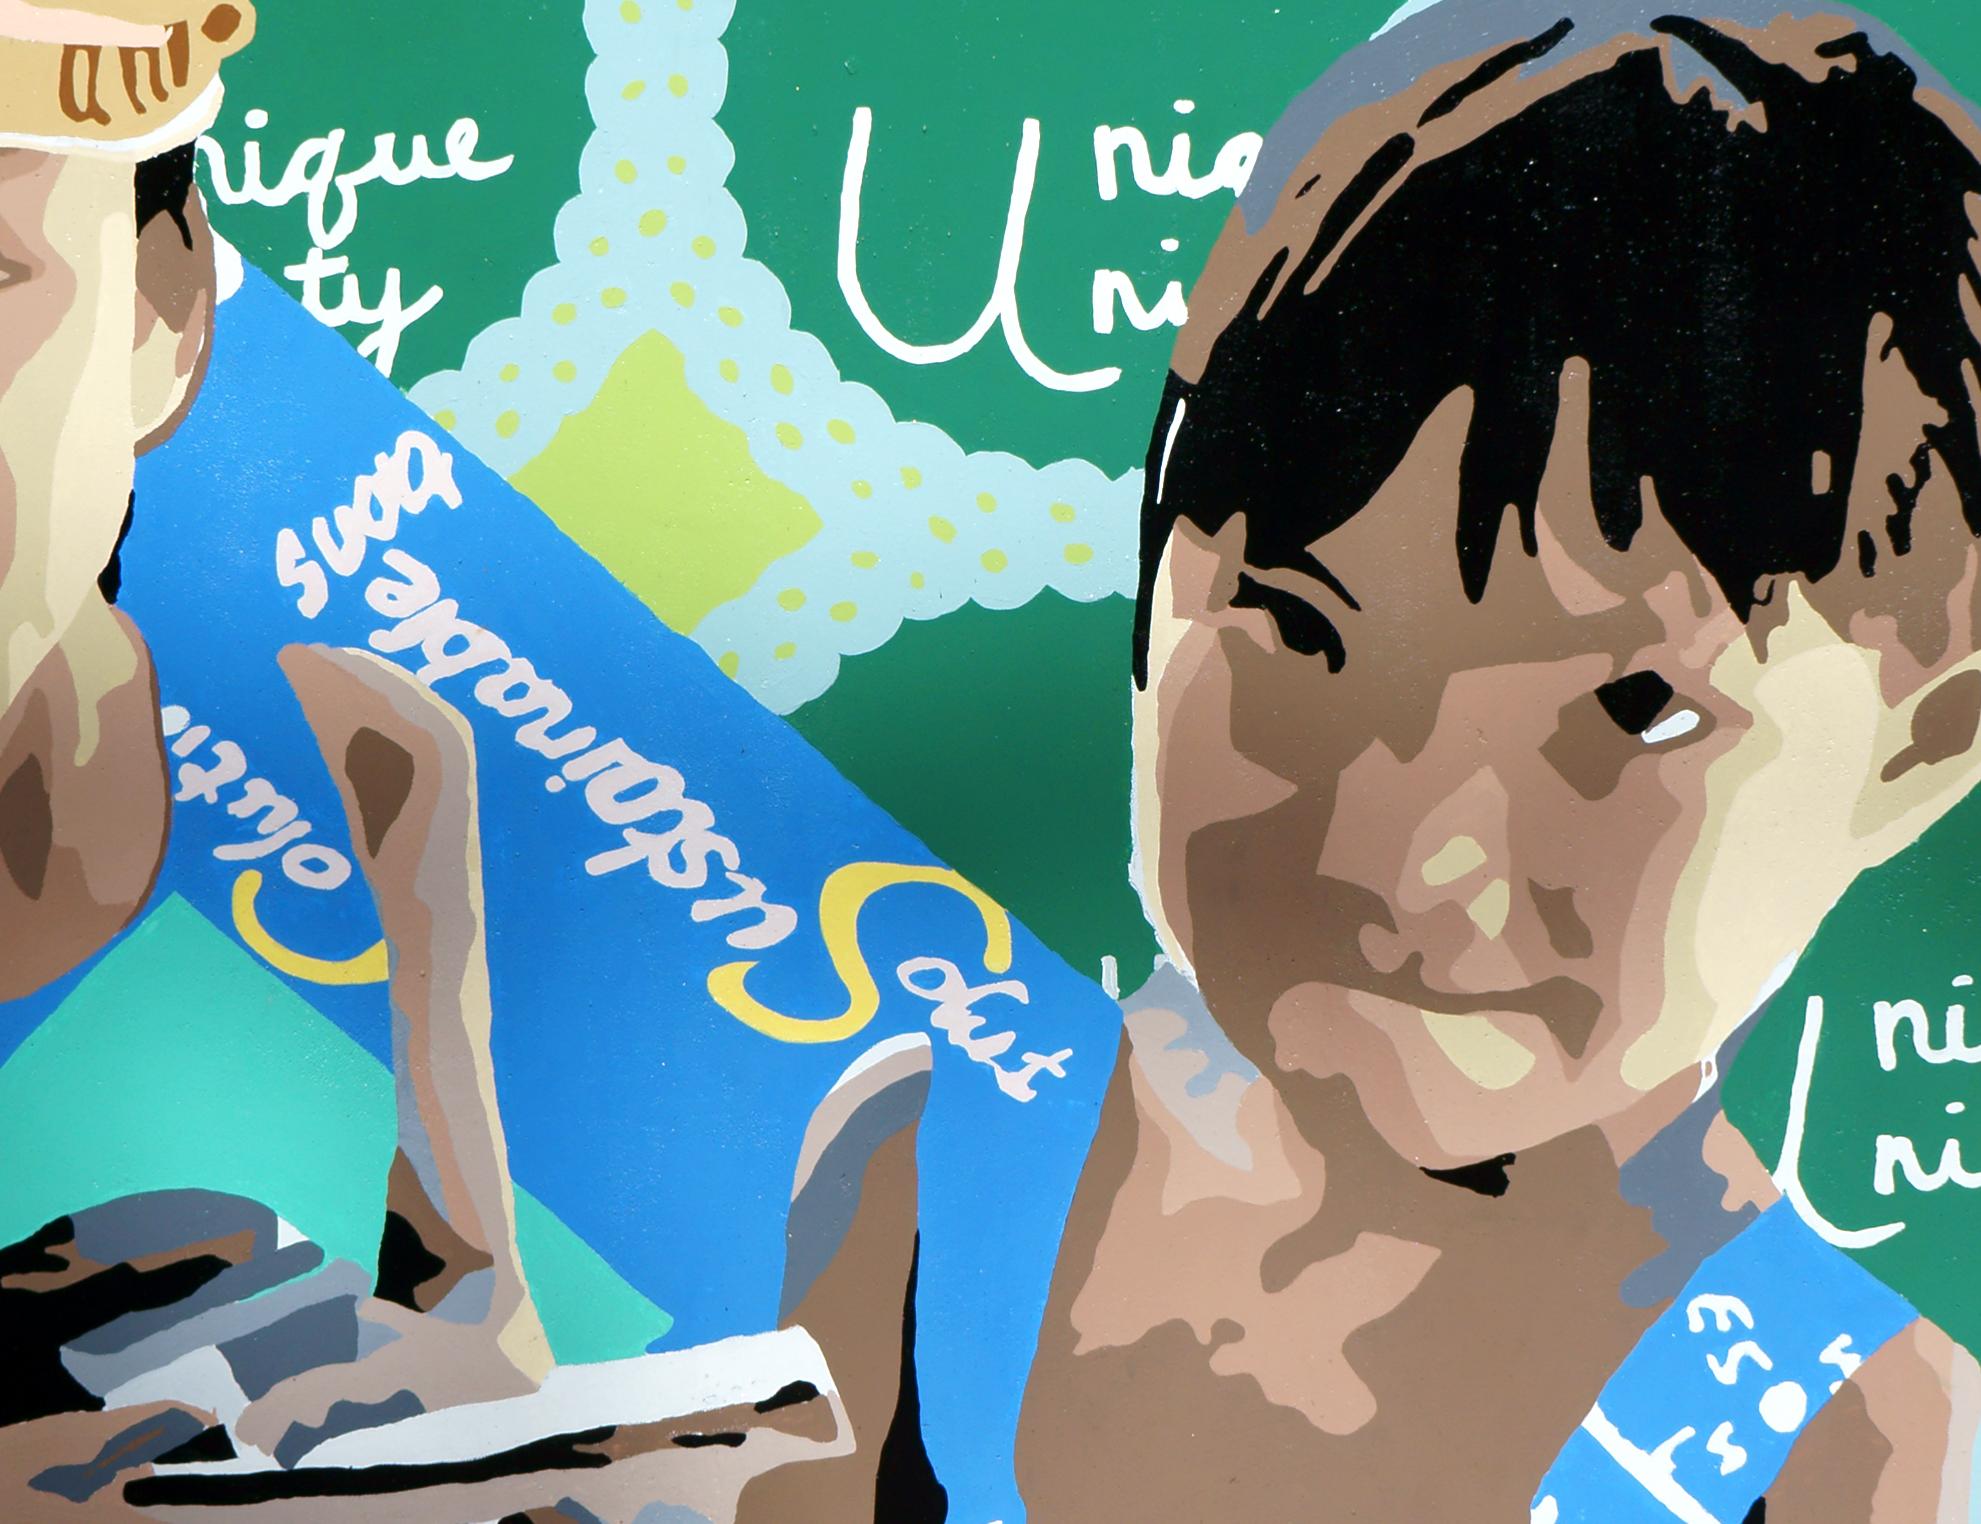 Detail of UC Santa Cruz Mural 2013